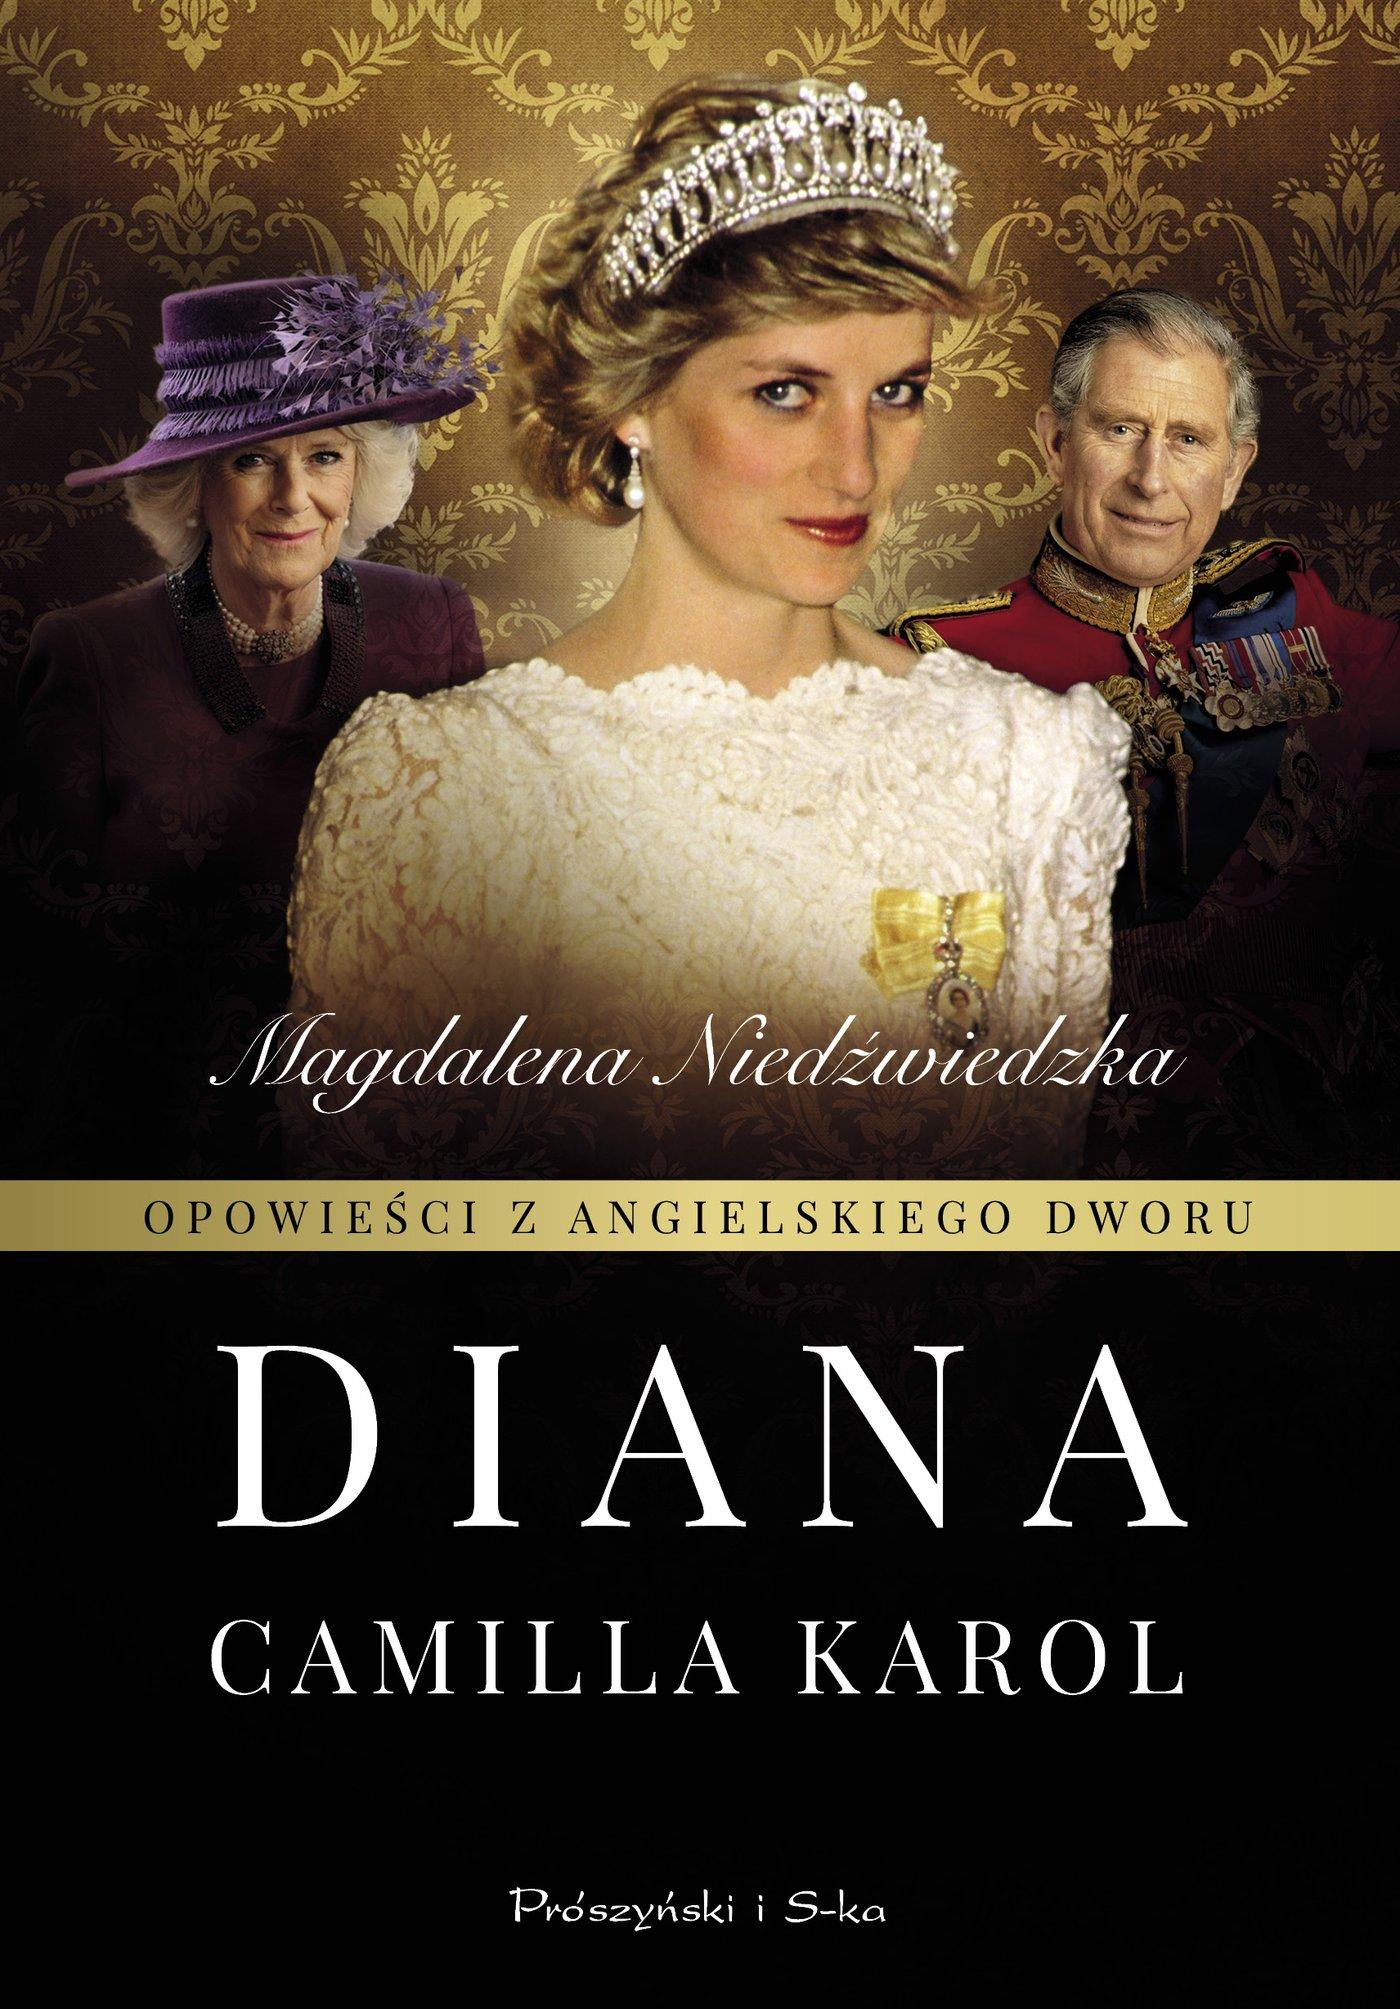 Opowieści z angielskiego dworu. Diana - Ebook (Książka na Kindle) do pobrania w formacie MOBI